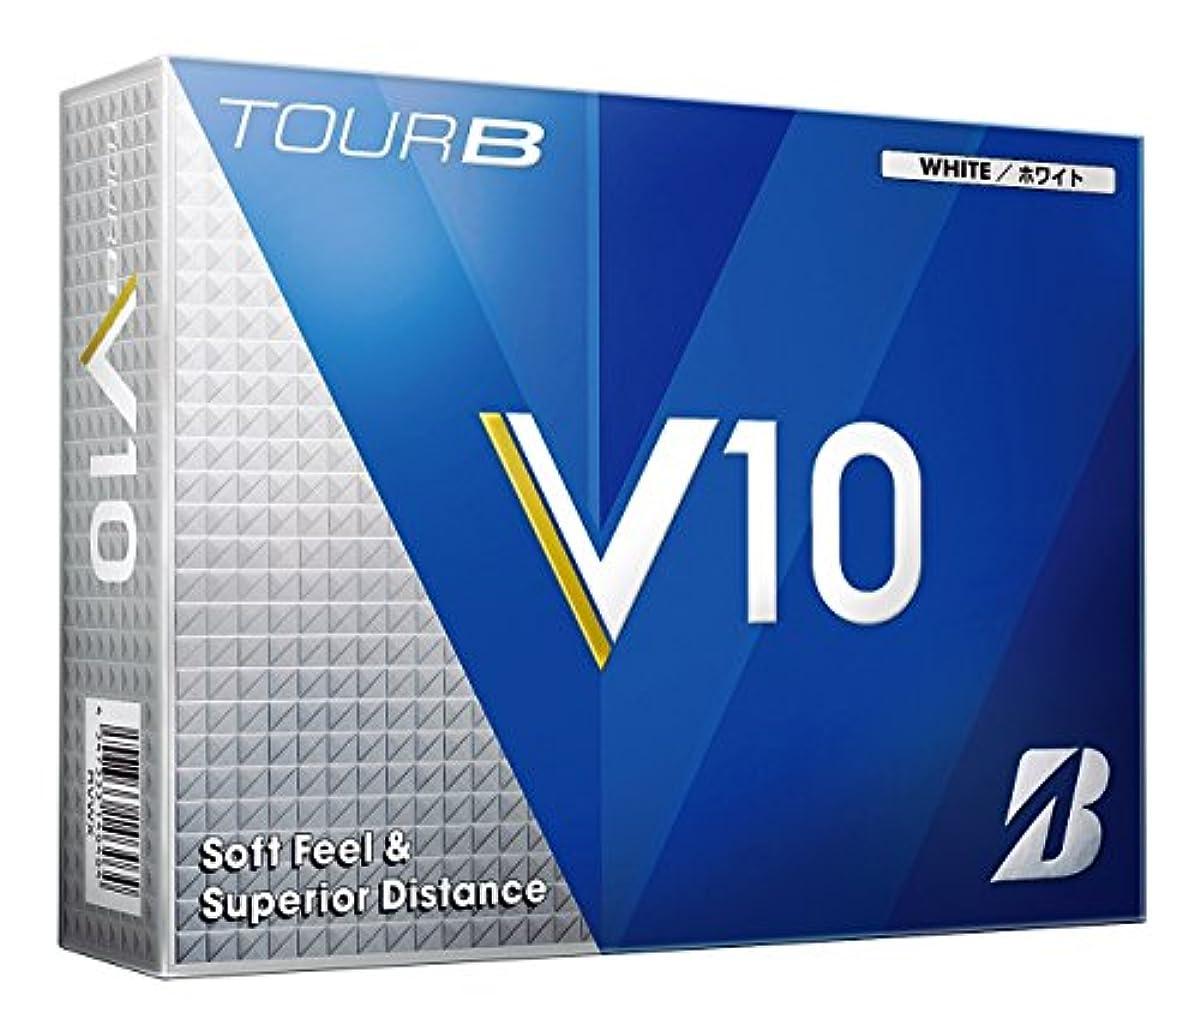 [해외] 브리지스톤 골프공 TOUR B V10 12개입 2종